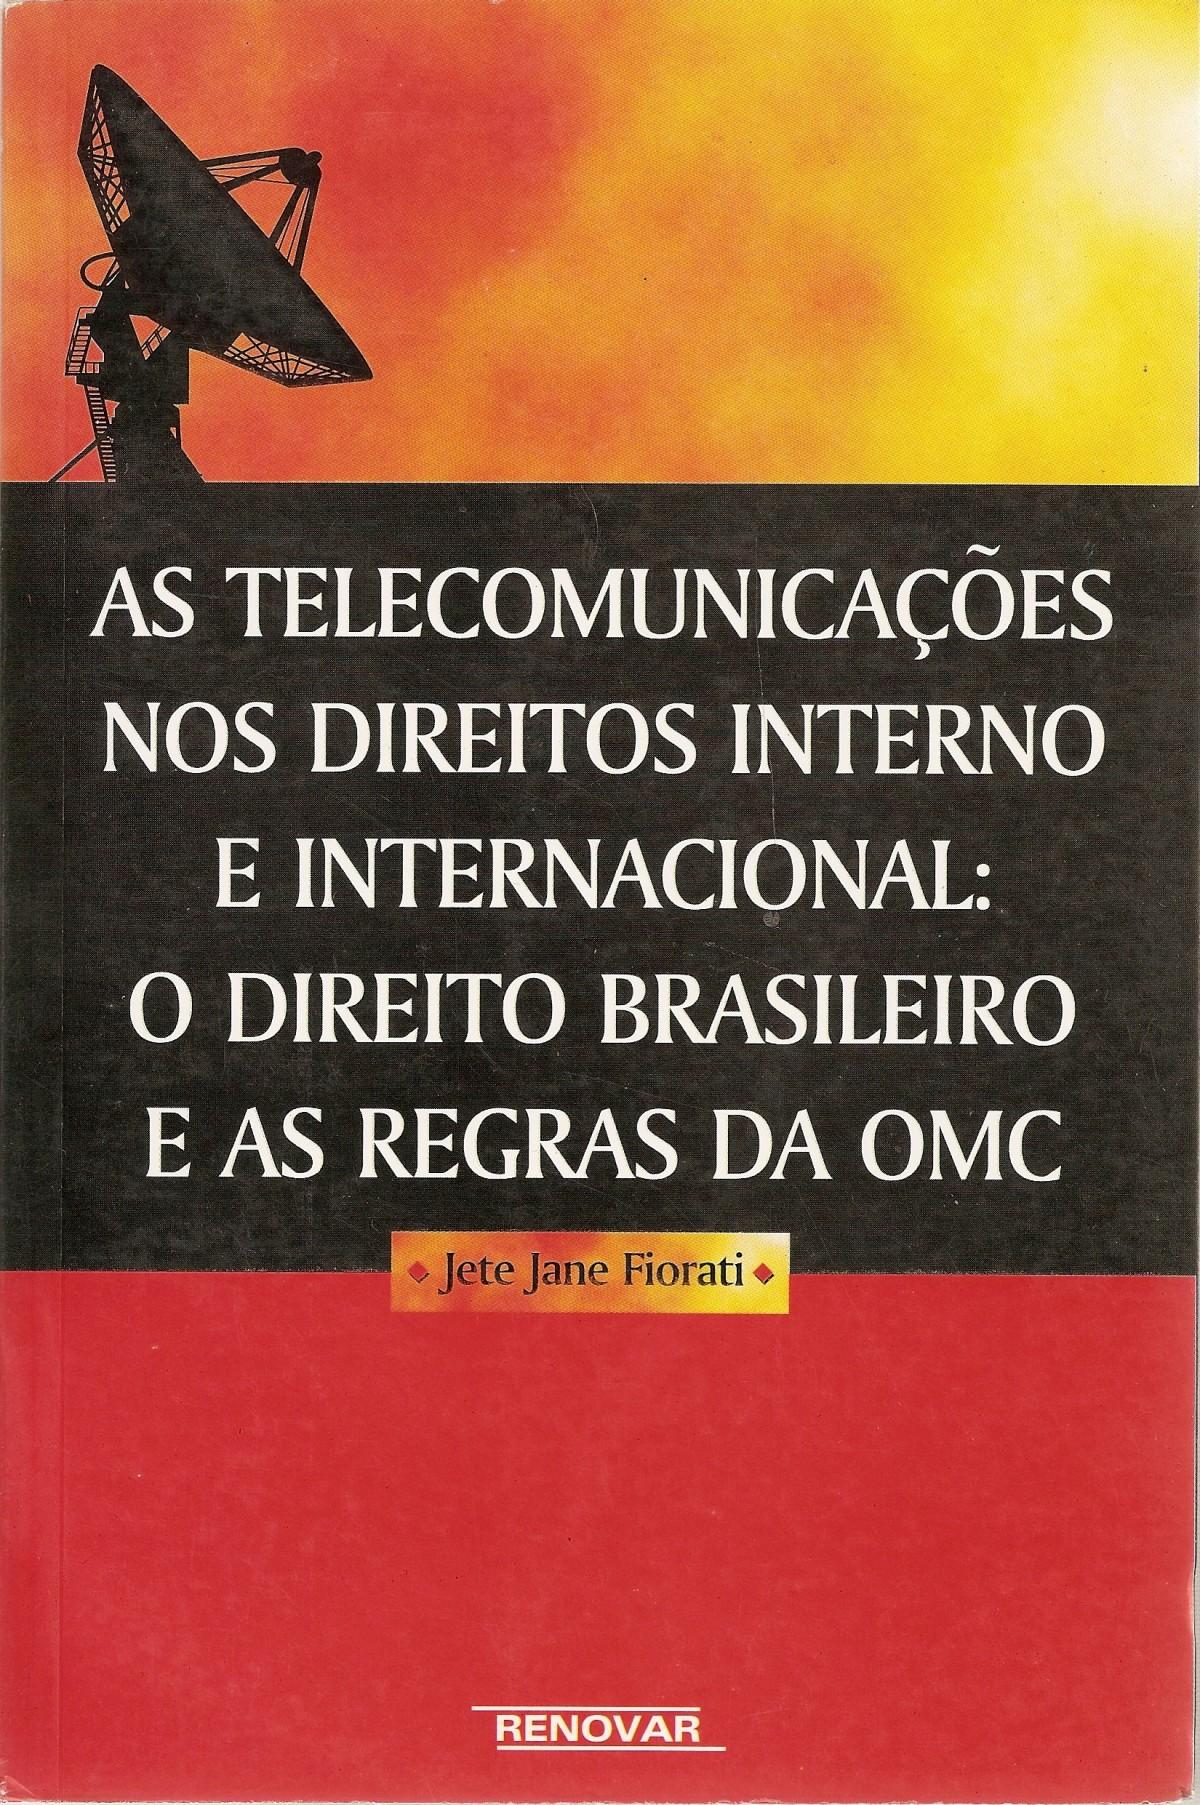 Foto 1 - As Telecomunicações nos Direitos Interno e Internacional: O Direito Brasileiro e as Regras da OMC